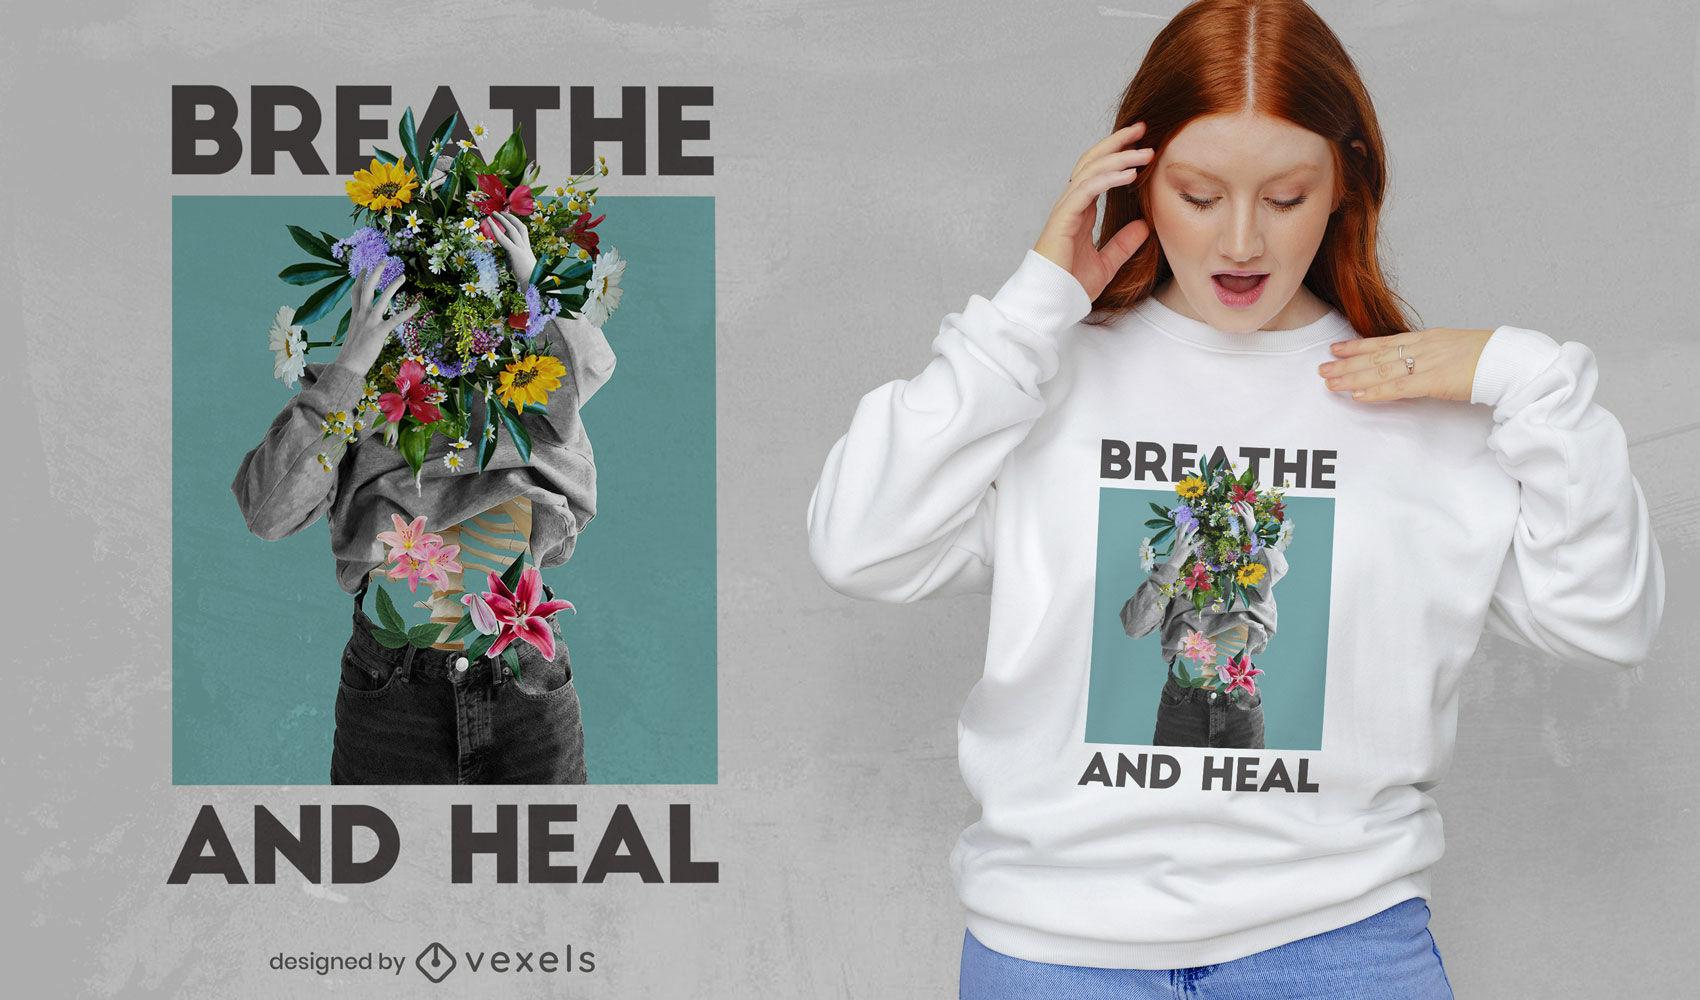 Dise?o de camiseta floral psd de respirar y curar a la mujer